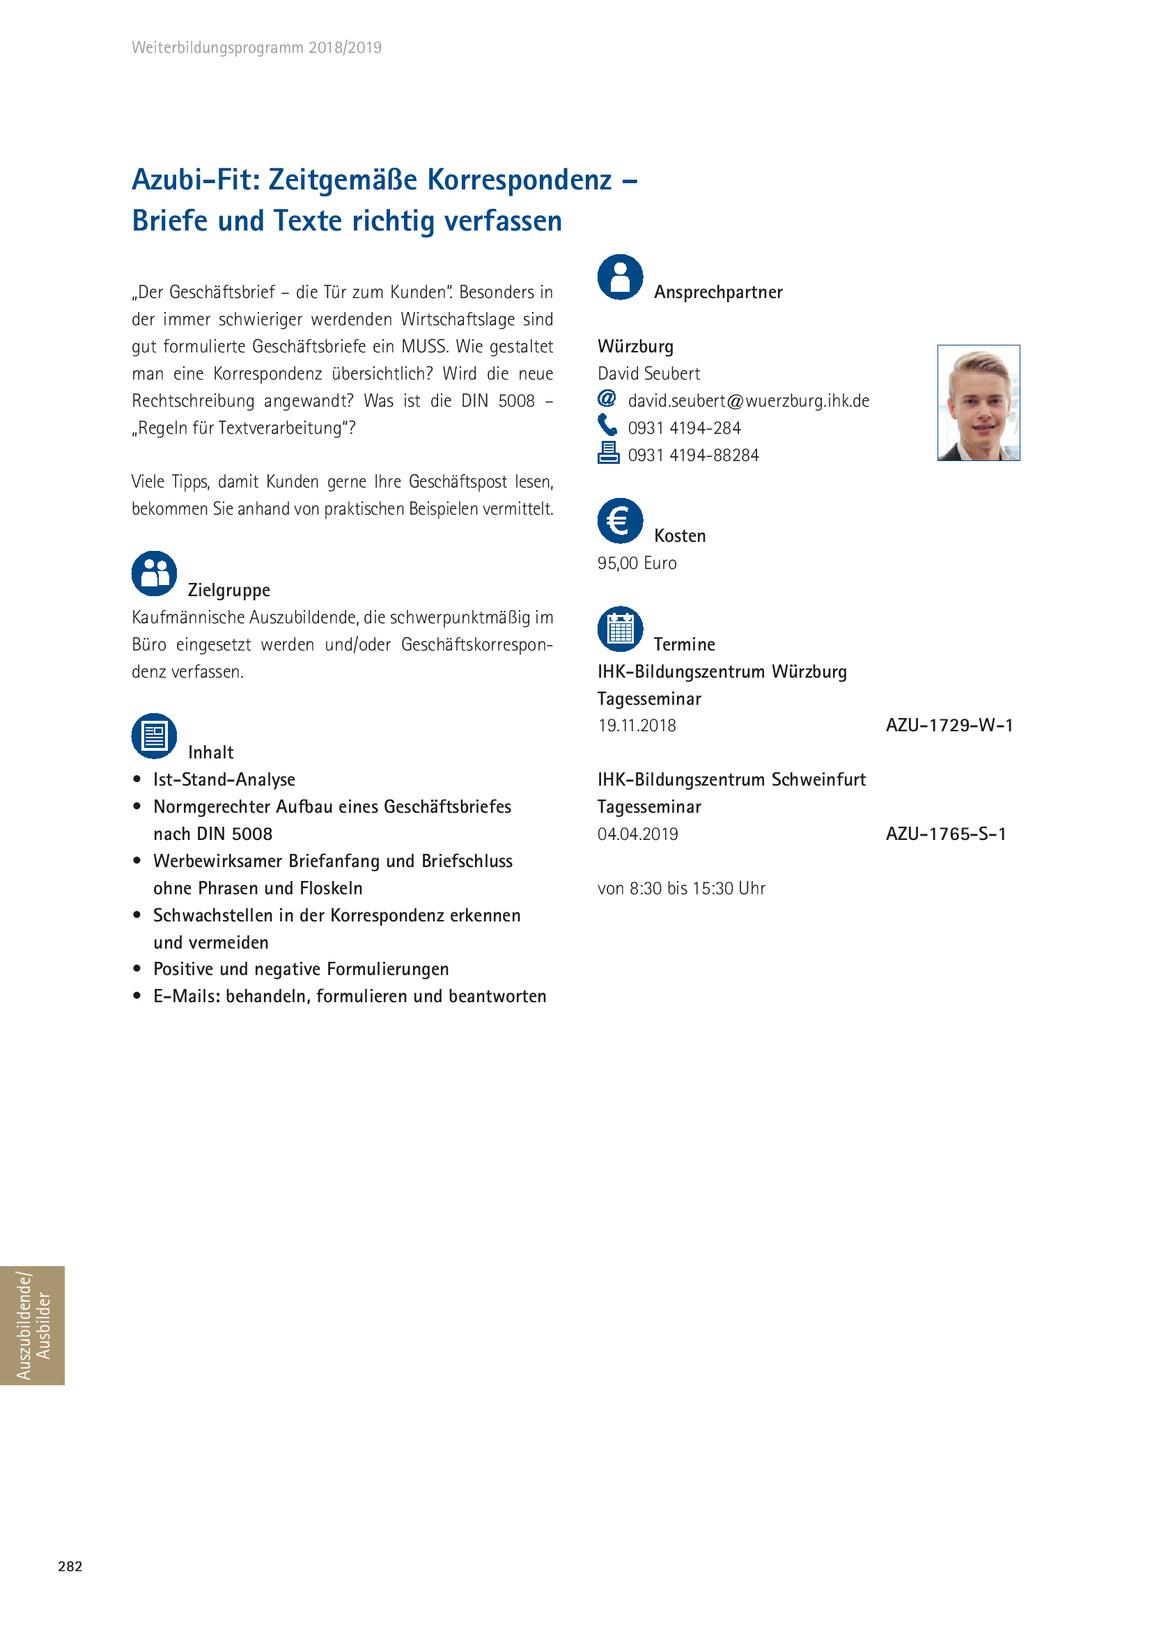 Ihk Weiterbildungsprogramm 2018 2019 B4b Mainfranken Kiosk